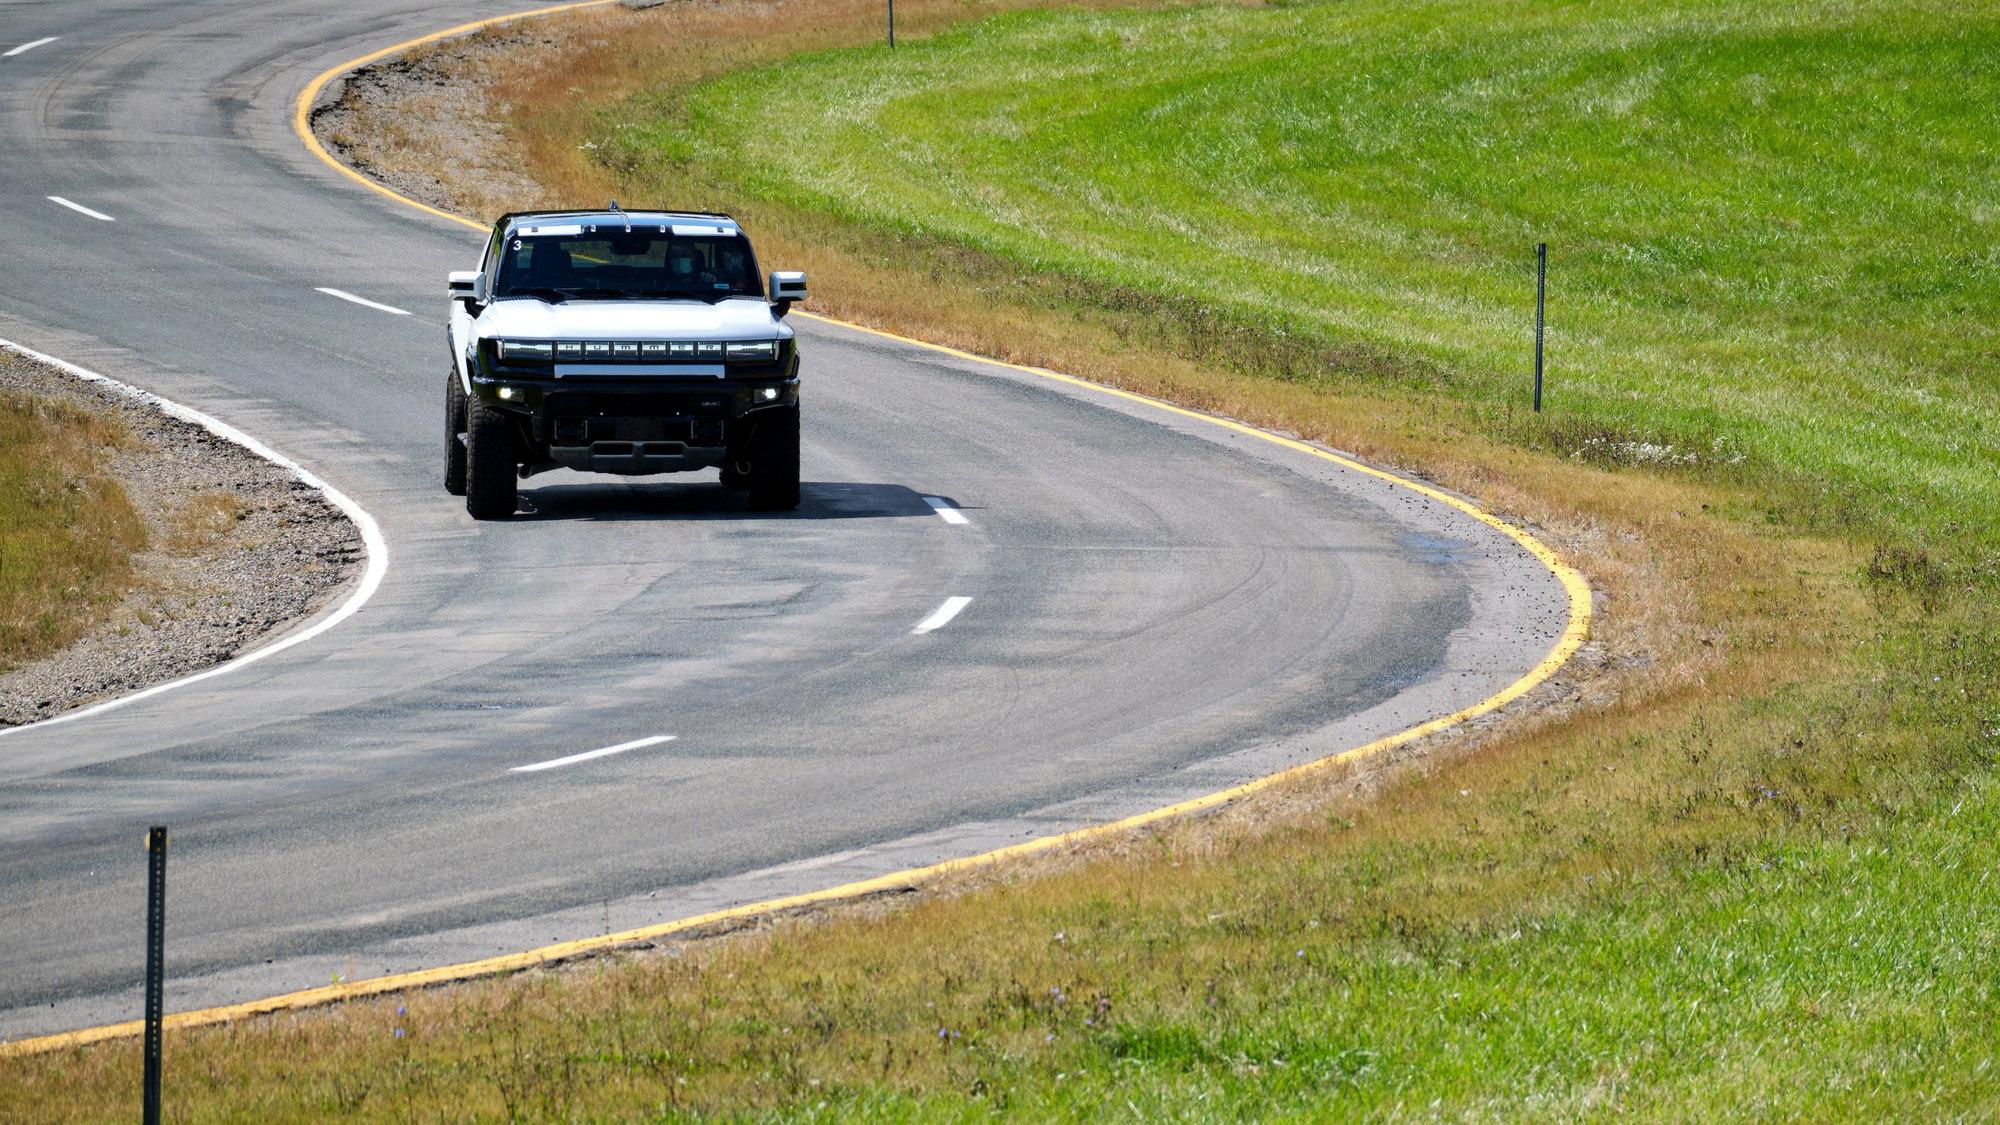 Nguyên mẫu 2022 GMC Hummer EV, ổ đĩa kỹ thuật, tháng 9 năm 2022 tại Milford Proving Grounds